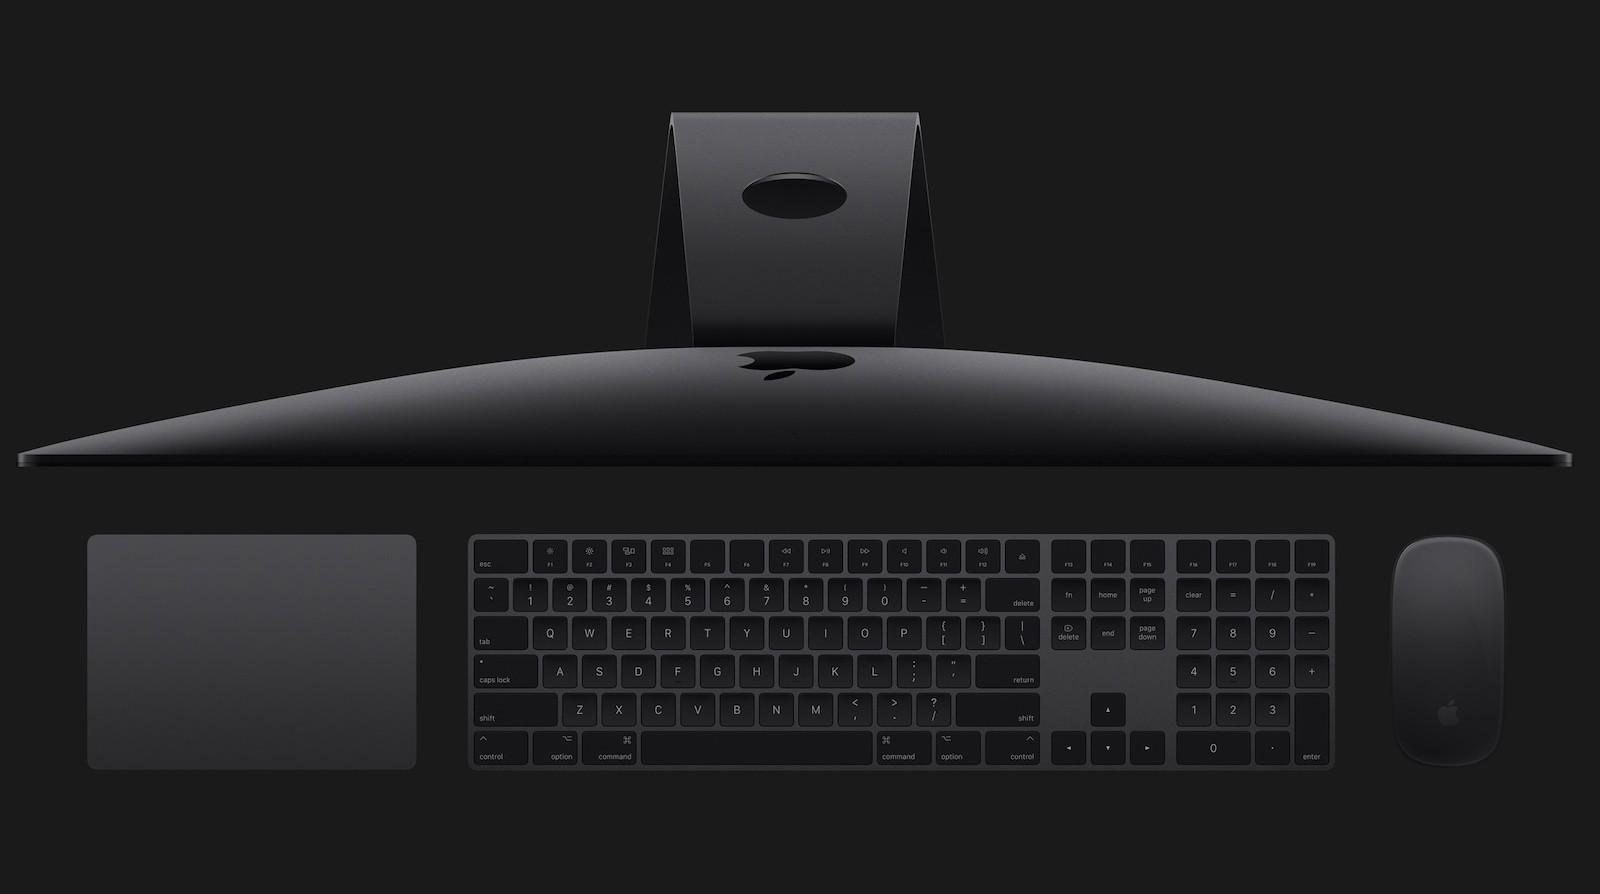 苹果停止销售深空灰 iMac Pro 妙控外设